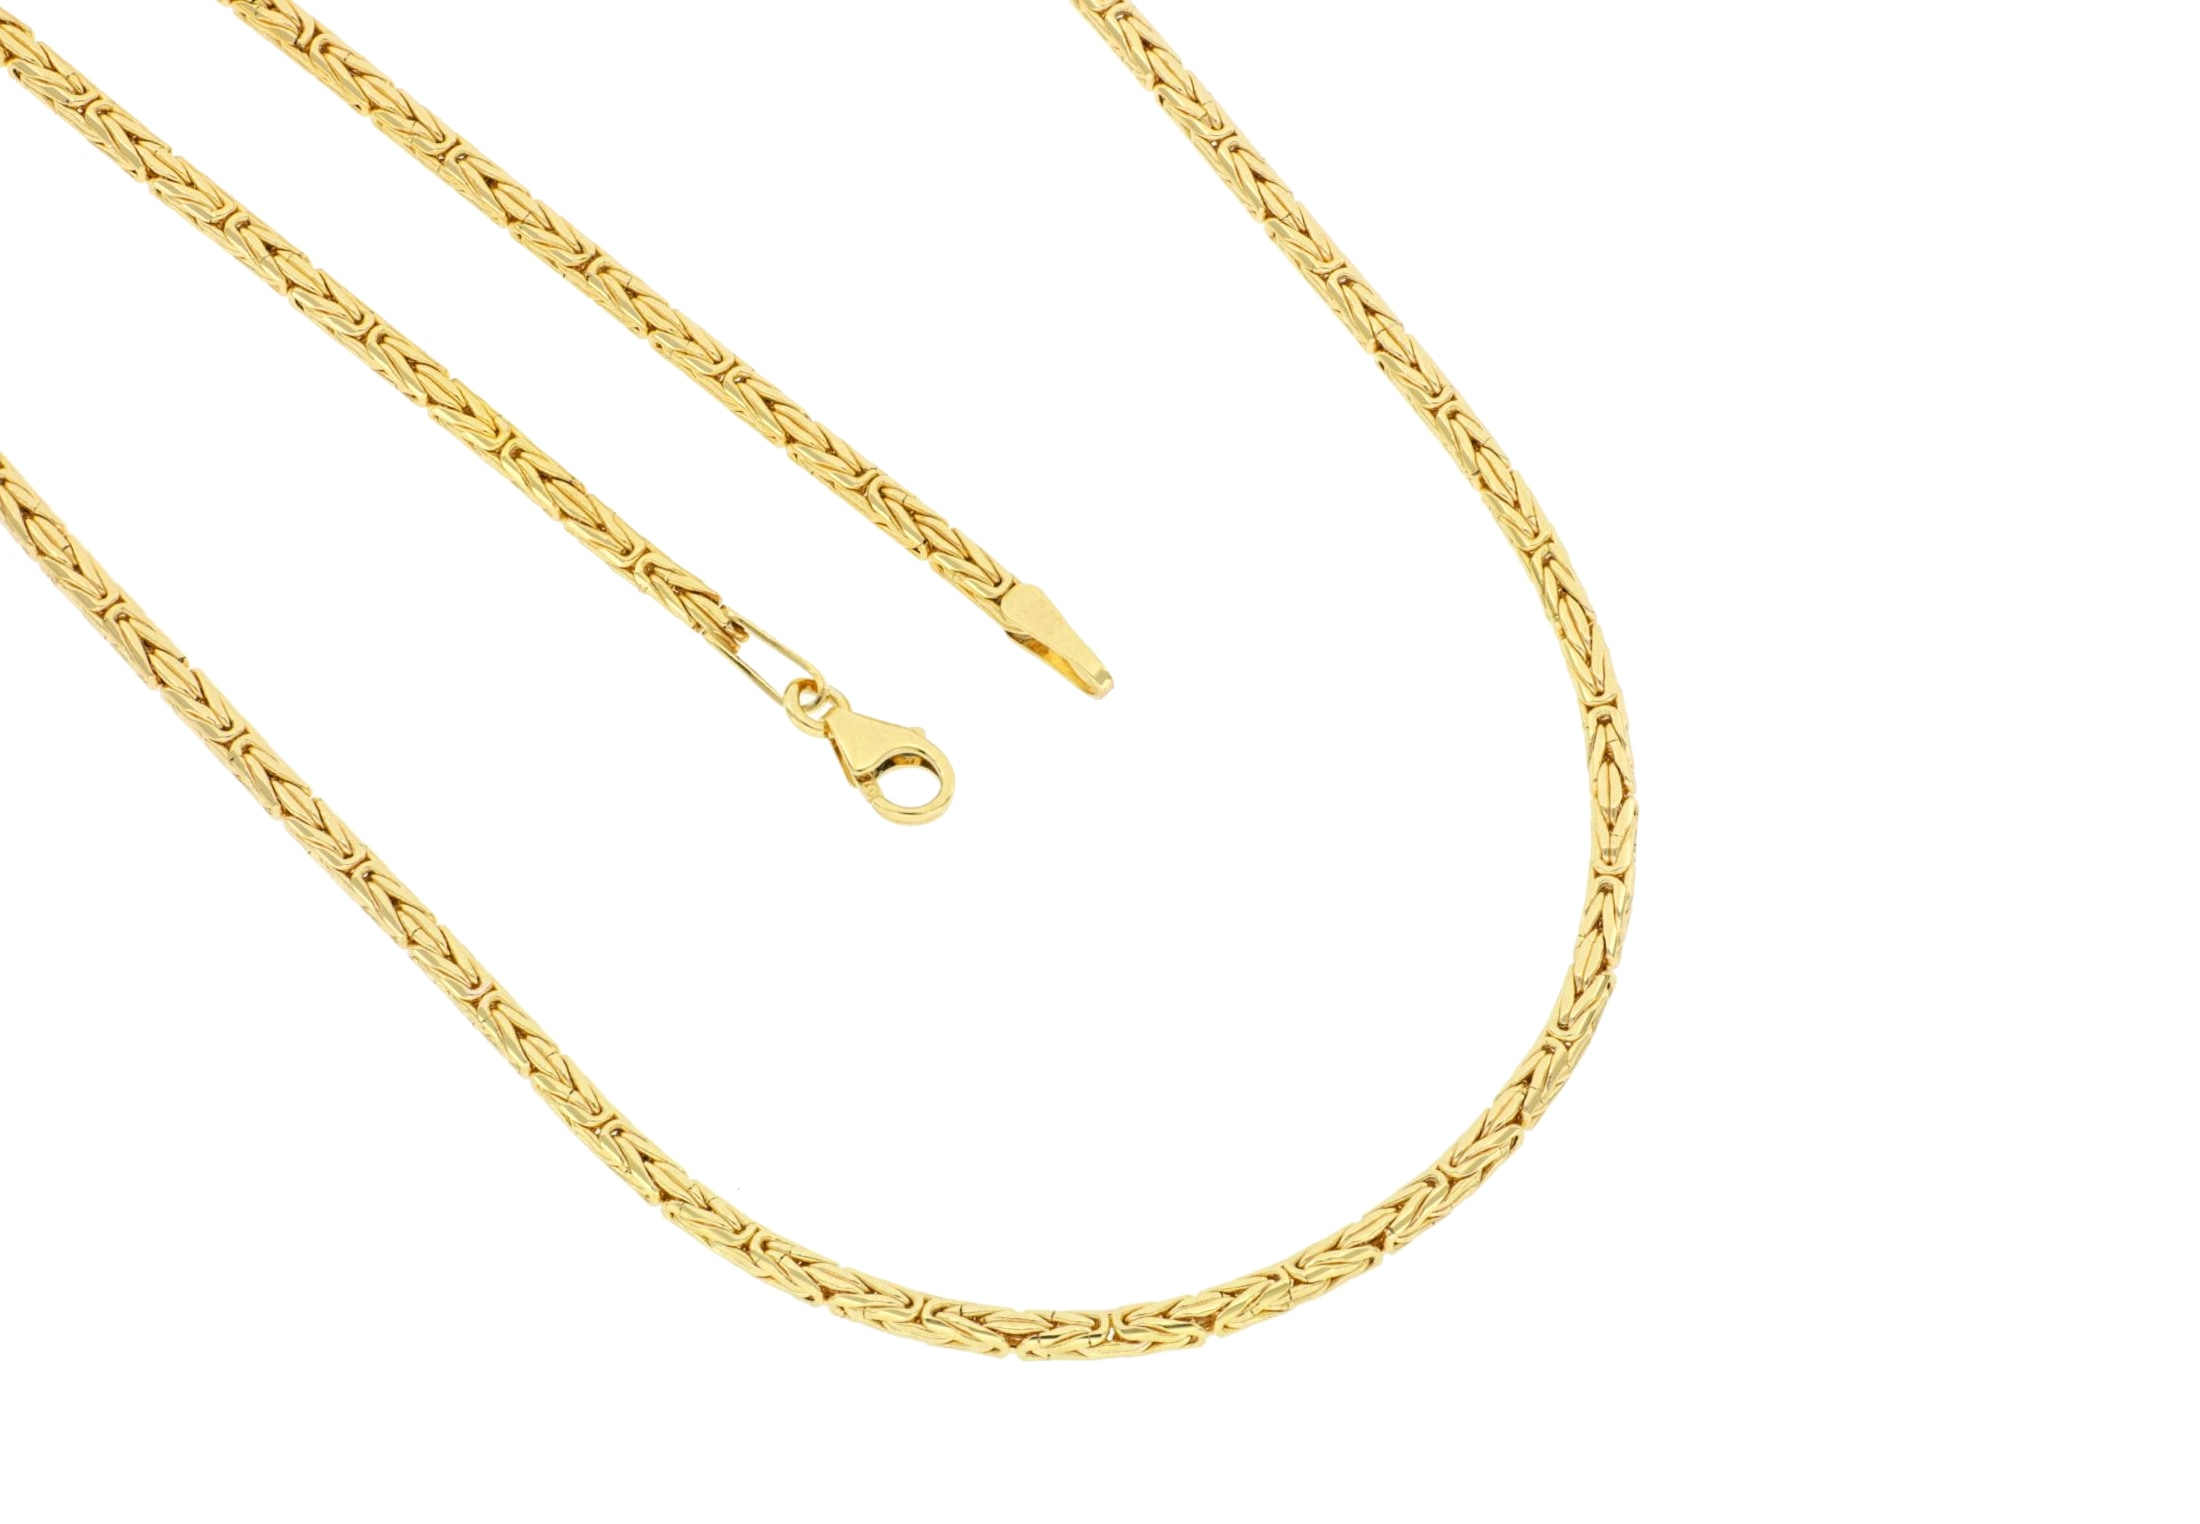 La Piora Armband Königskette | Schmuck > Halsketten > Königsketten | La Piora